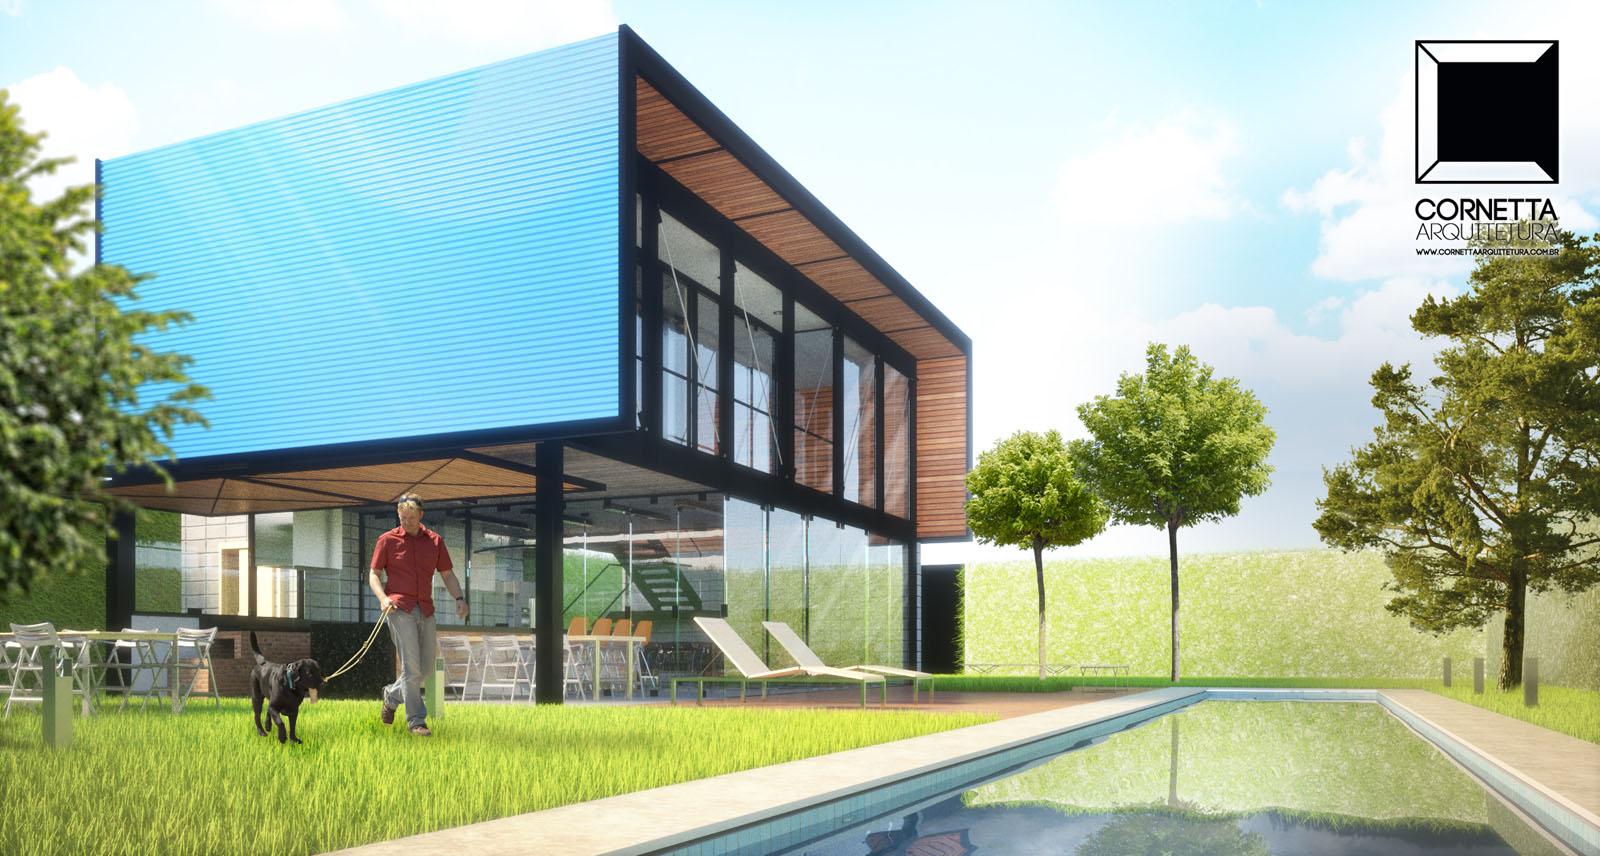 Loft pf cornetta arquitetura for Modelos de techos metalicos para casas